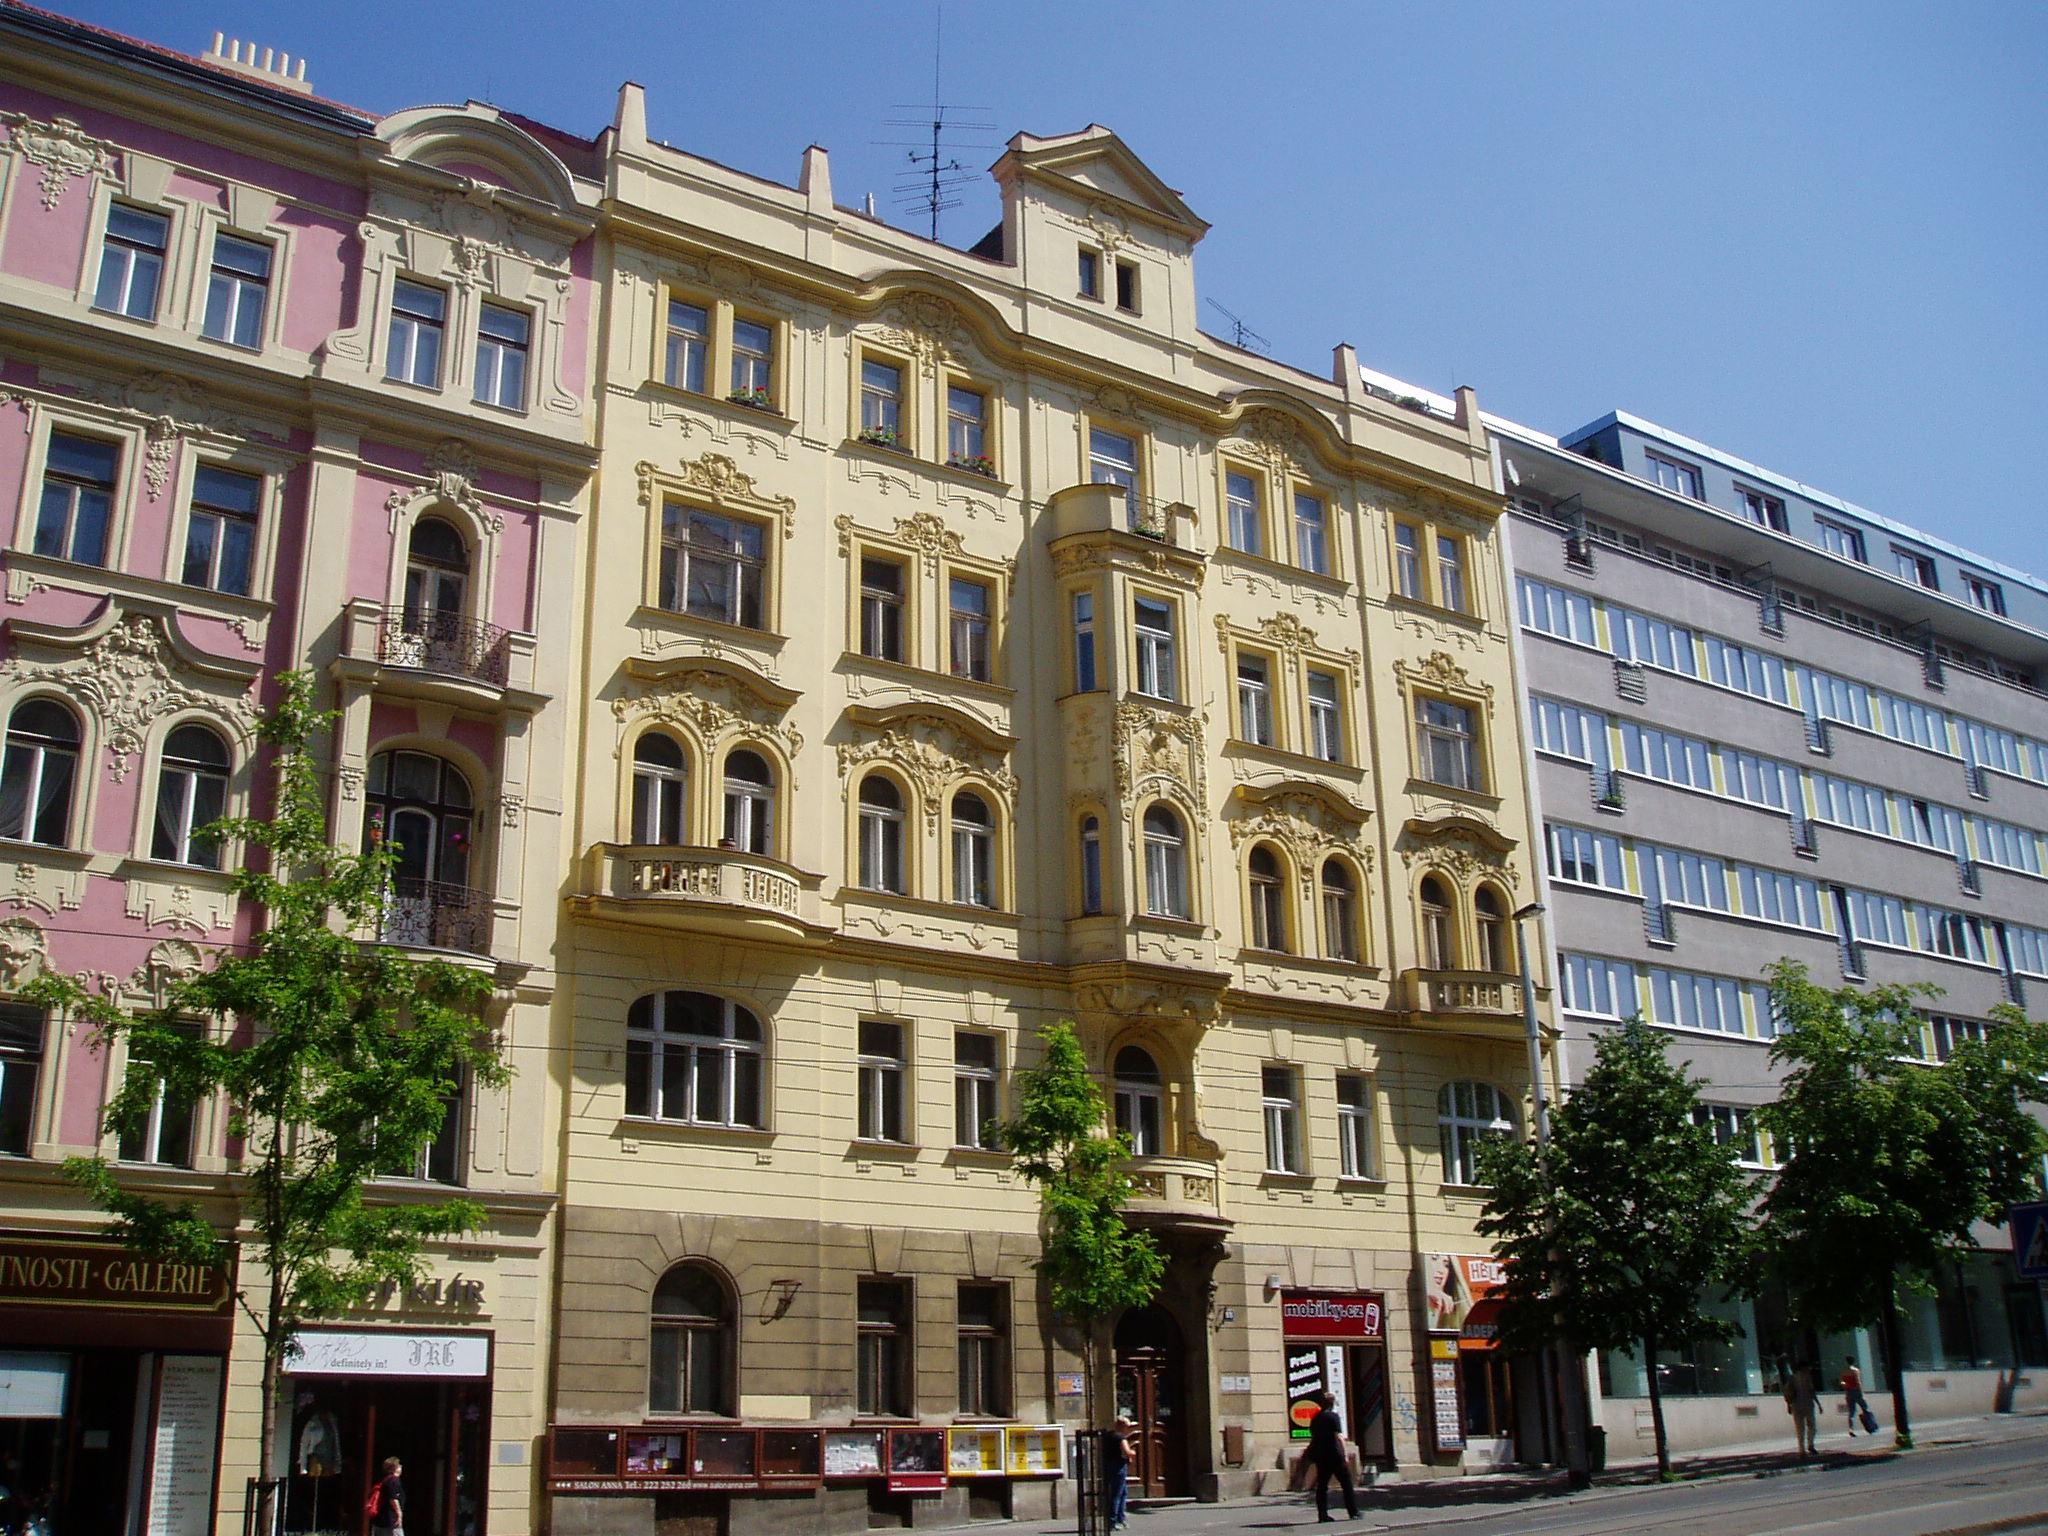 Správa nemovitostí Praha, vedení účetnictví, havarijní služby